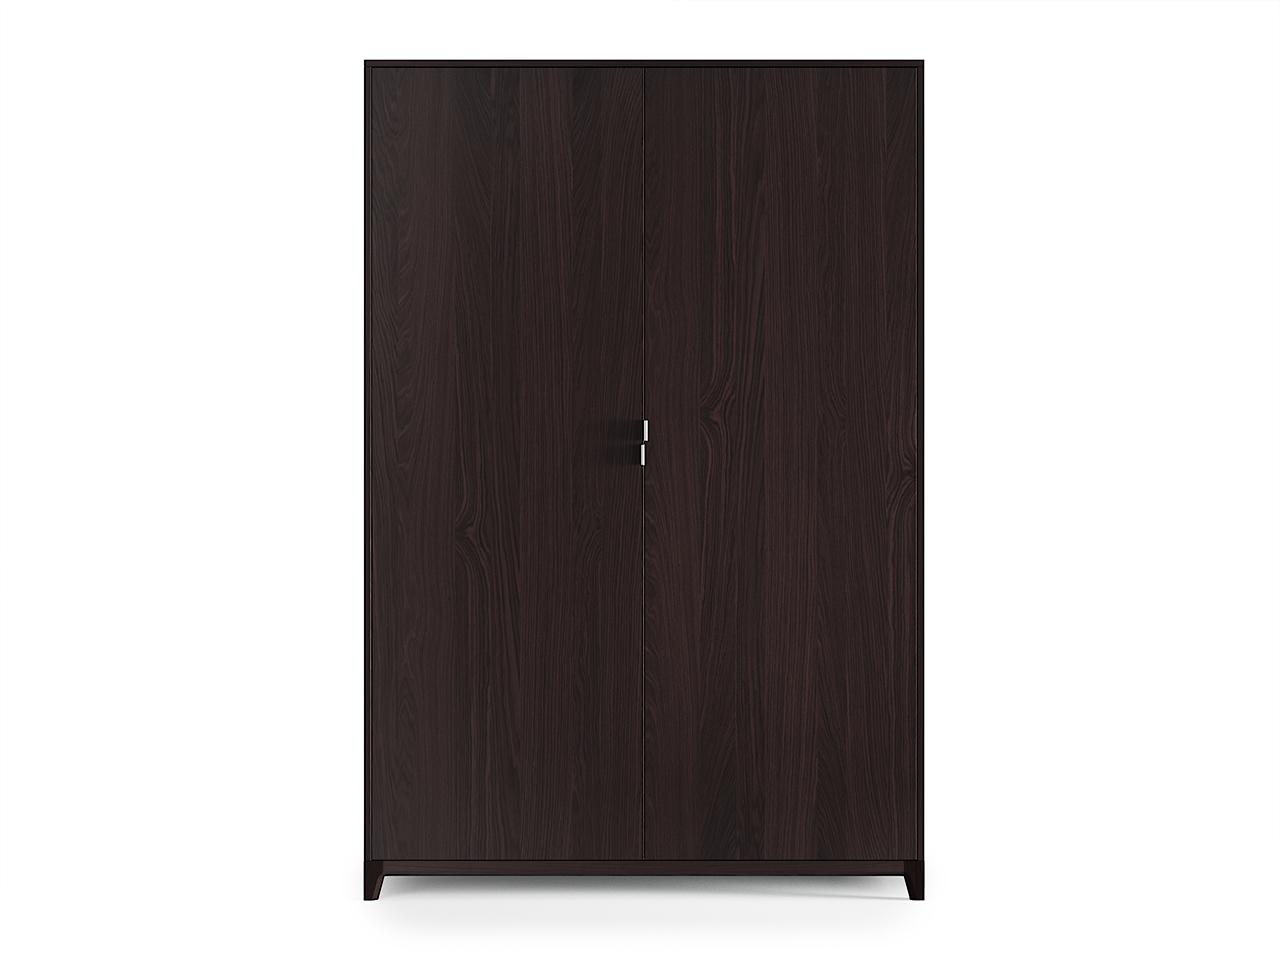 Шкаф Case (венге)Платяные шкафы<br>Вместительный, прочный и удобный шкаф CASE сочетает в себе продуманную структуру и современный дизайн.Внутри шкафа комфортно расположены полки, выдвижные ящики и штанги для вешалок. Благодаря отсутствию в конструкции лишних элементов и сбалансированной форме шкаф не выглядит массивным, а фасады с неповторимой фактурой дерева завершают его лаконичный образ. Шкаф CASE рассчитан на комфортное использование для одного или двух человек.&amp;lt;div&amp;gt;&amp;lt;br&amp;gt;&amp;lt;/div&amp;gt;&amp;lt;div&amp;gt;Материал: Массив дуба, натуральный шпон дуба, МДФ, ДСП, лак&amp;lt;br&amp;gt;&amp;lt;/div&amp;gt;<br><br>Material: Дуб<br>Ширина см: 140.0<br>Высота см: 210.0<br>Глубина см: 60.0